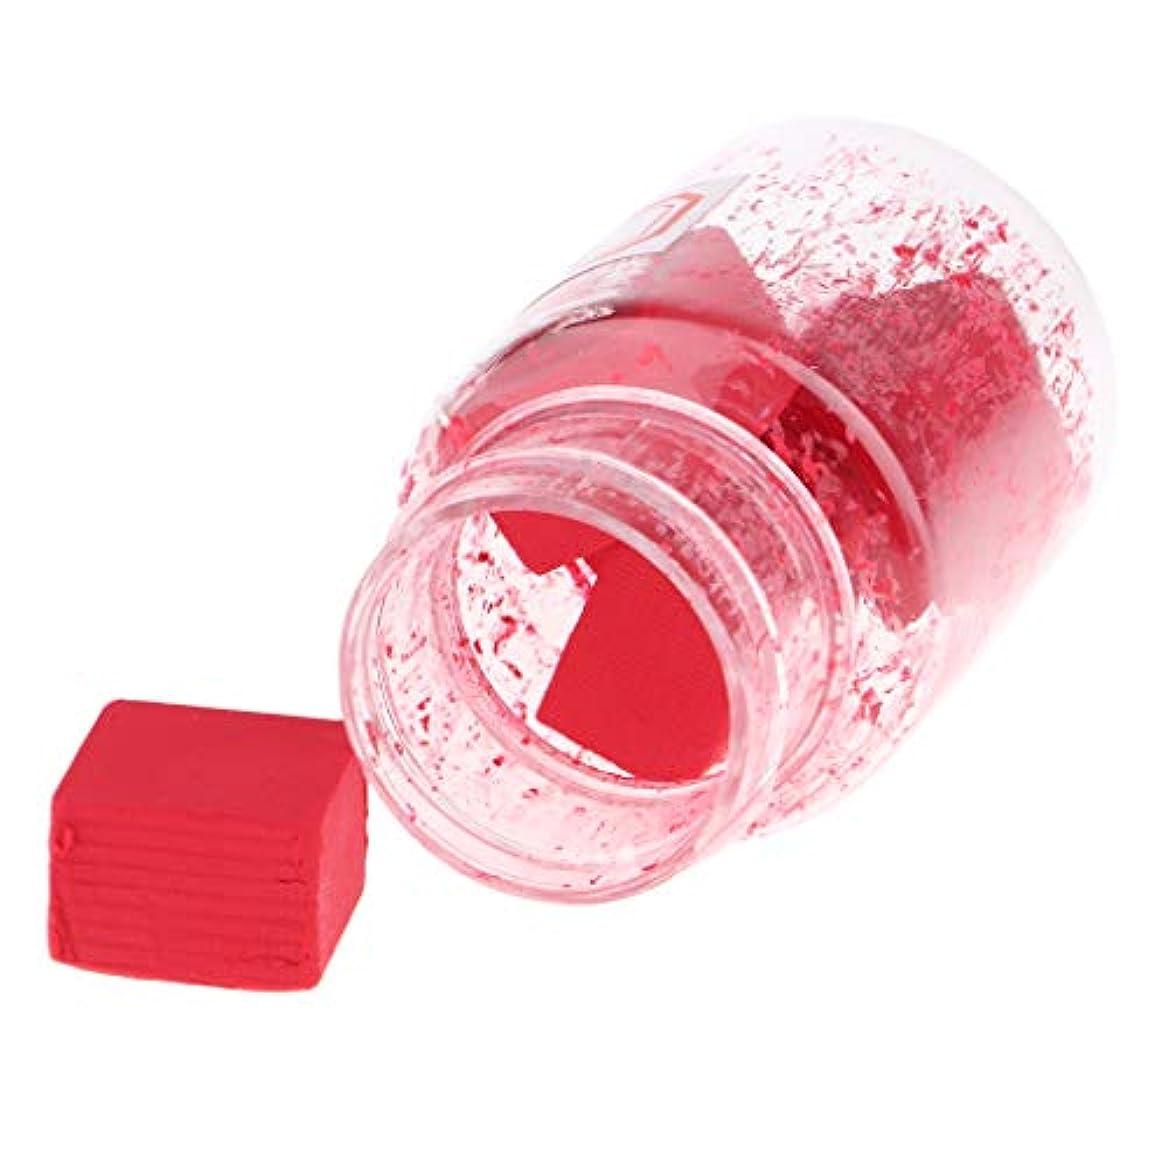 起業家注入するシミュレートするPerfeclan 口紅作り DIY リップスティック原料 赤面原料 無ワックス 無粉砕 無飛翔粉末 9色選択でき - B